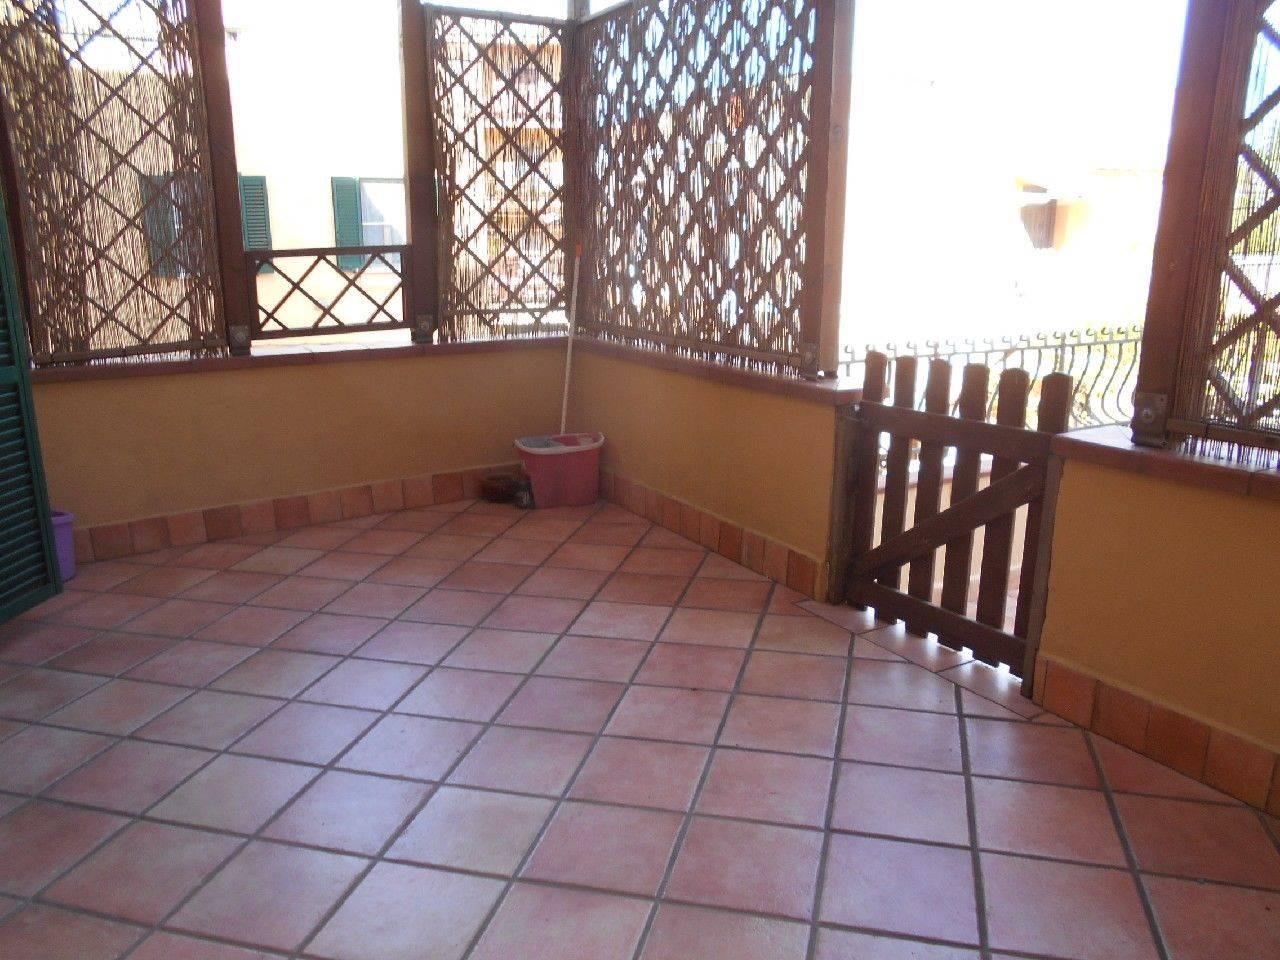 SANTA MARINELLA, Appartement pour le vacances des location de 140 Mq, Classe Énergétique: G, Epi: 175 kwh/m2 l'année, composé par: 5 Locals, Cuisine